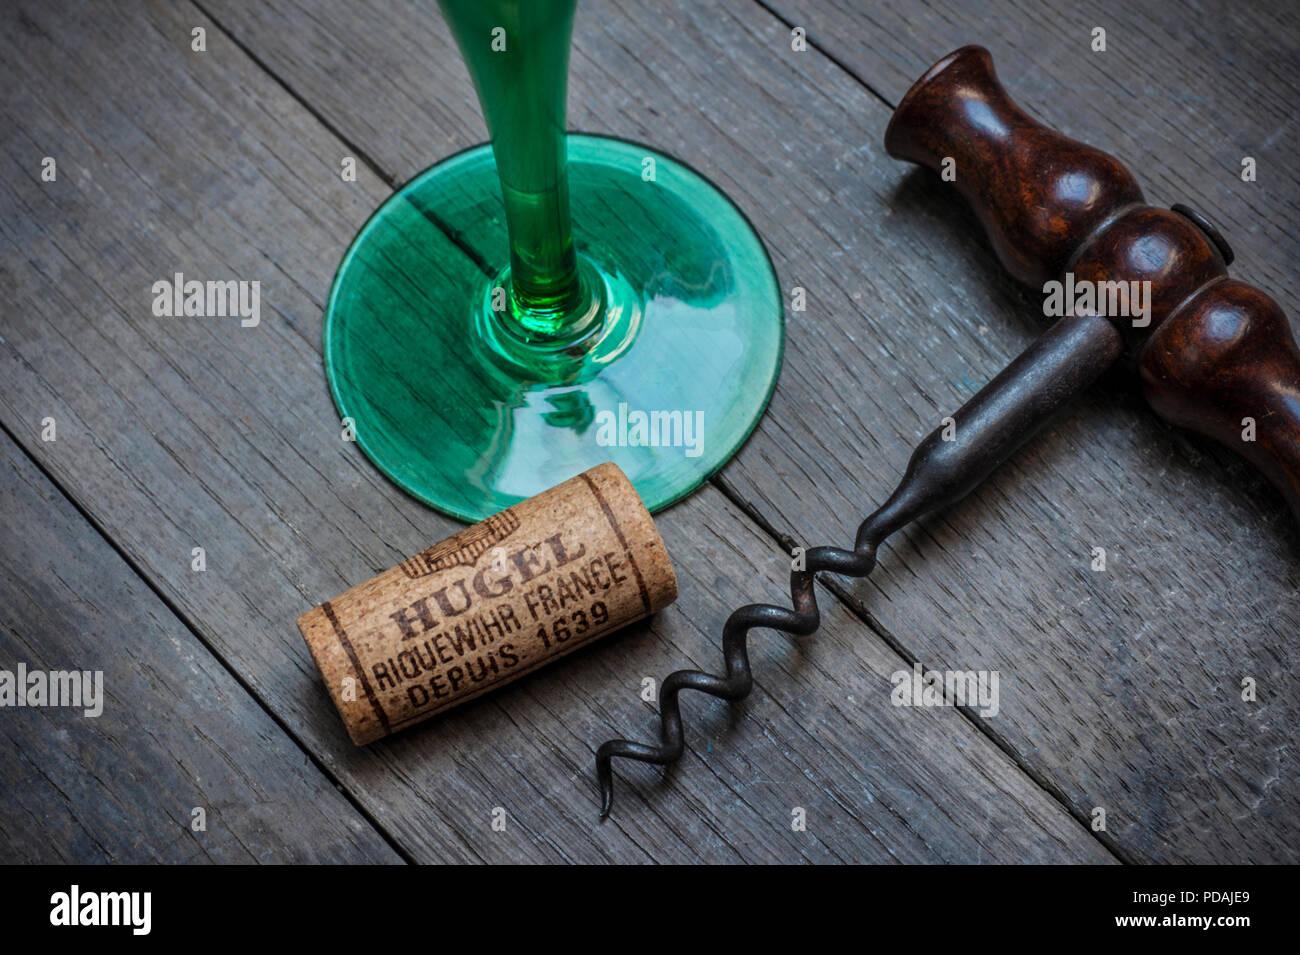 """Elsass HUGEL Wein Glas Korken und Korkenzieher in Moody Weinkeller Weinprobe Situation von namhaften Hersteller """"hugel"""" Riquewihr Elsass Frankreich Stockbild"""